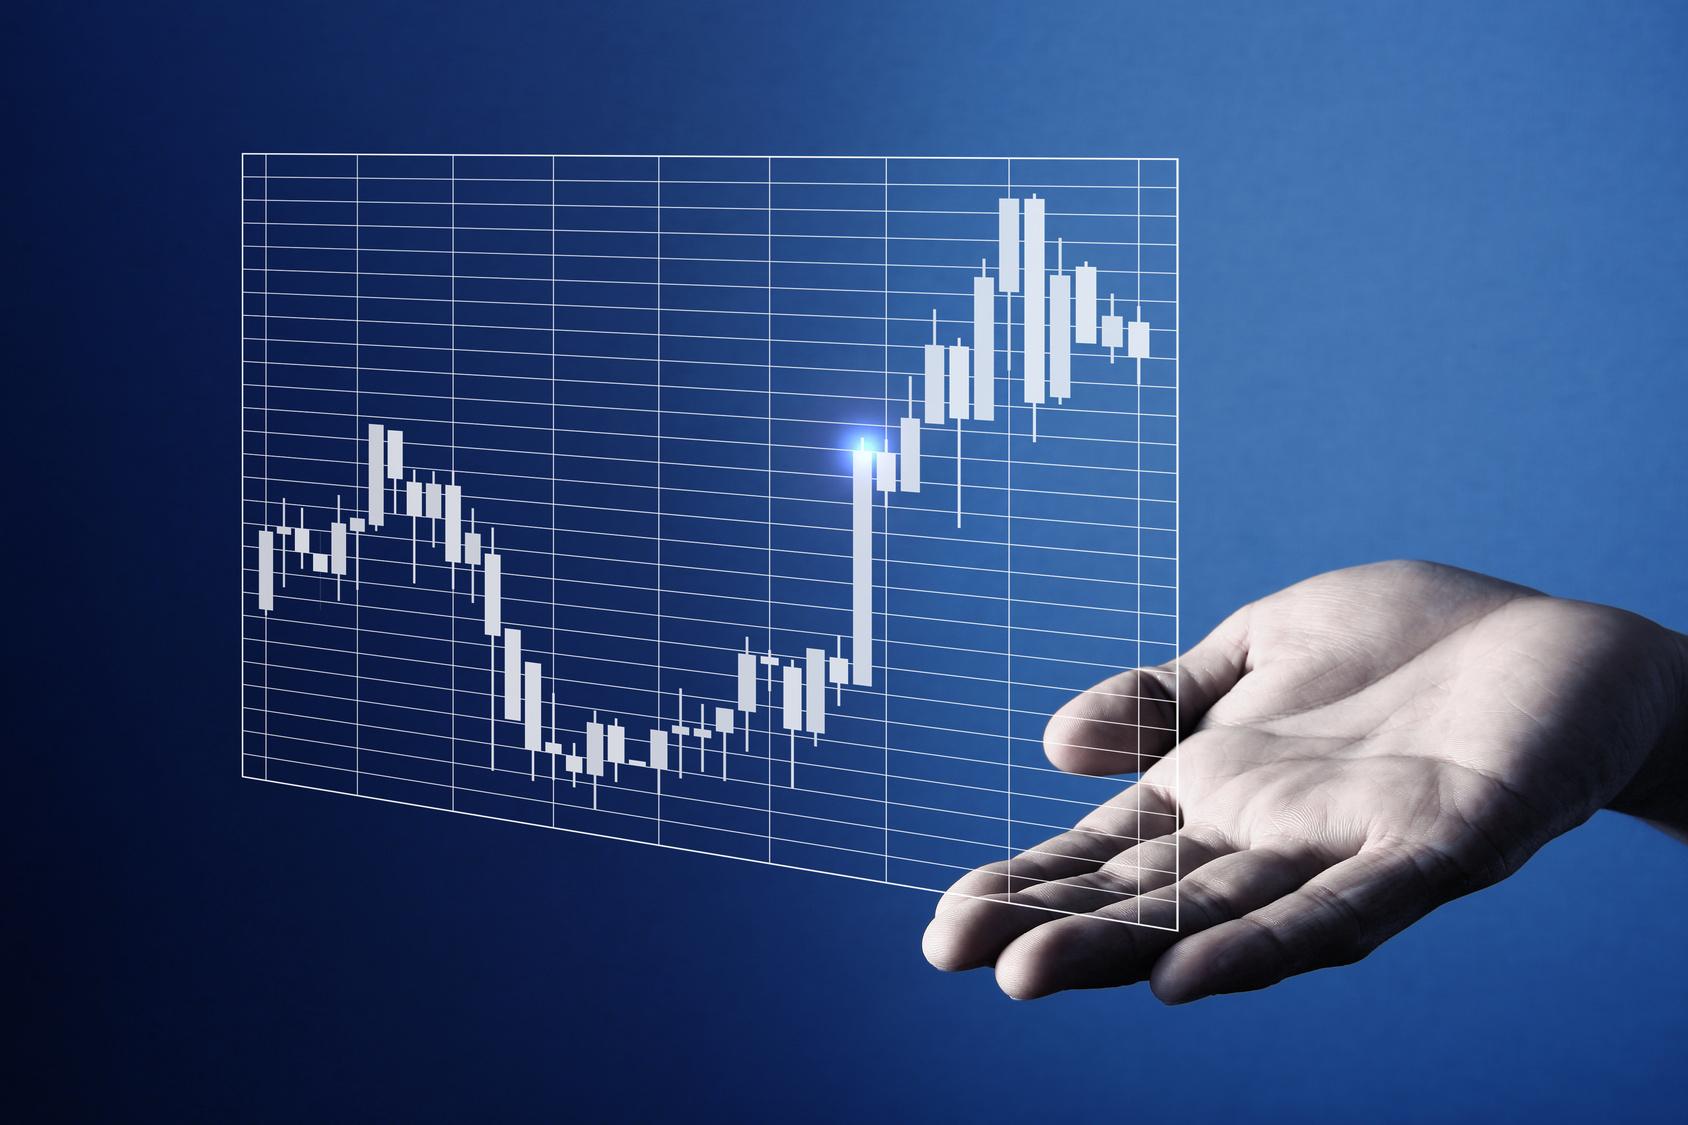 チャートのこの法則性を知るだけでなぜ、株で負けなくなるのか?